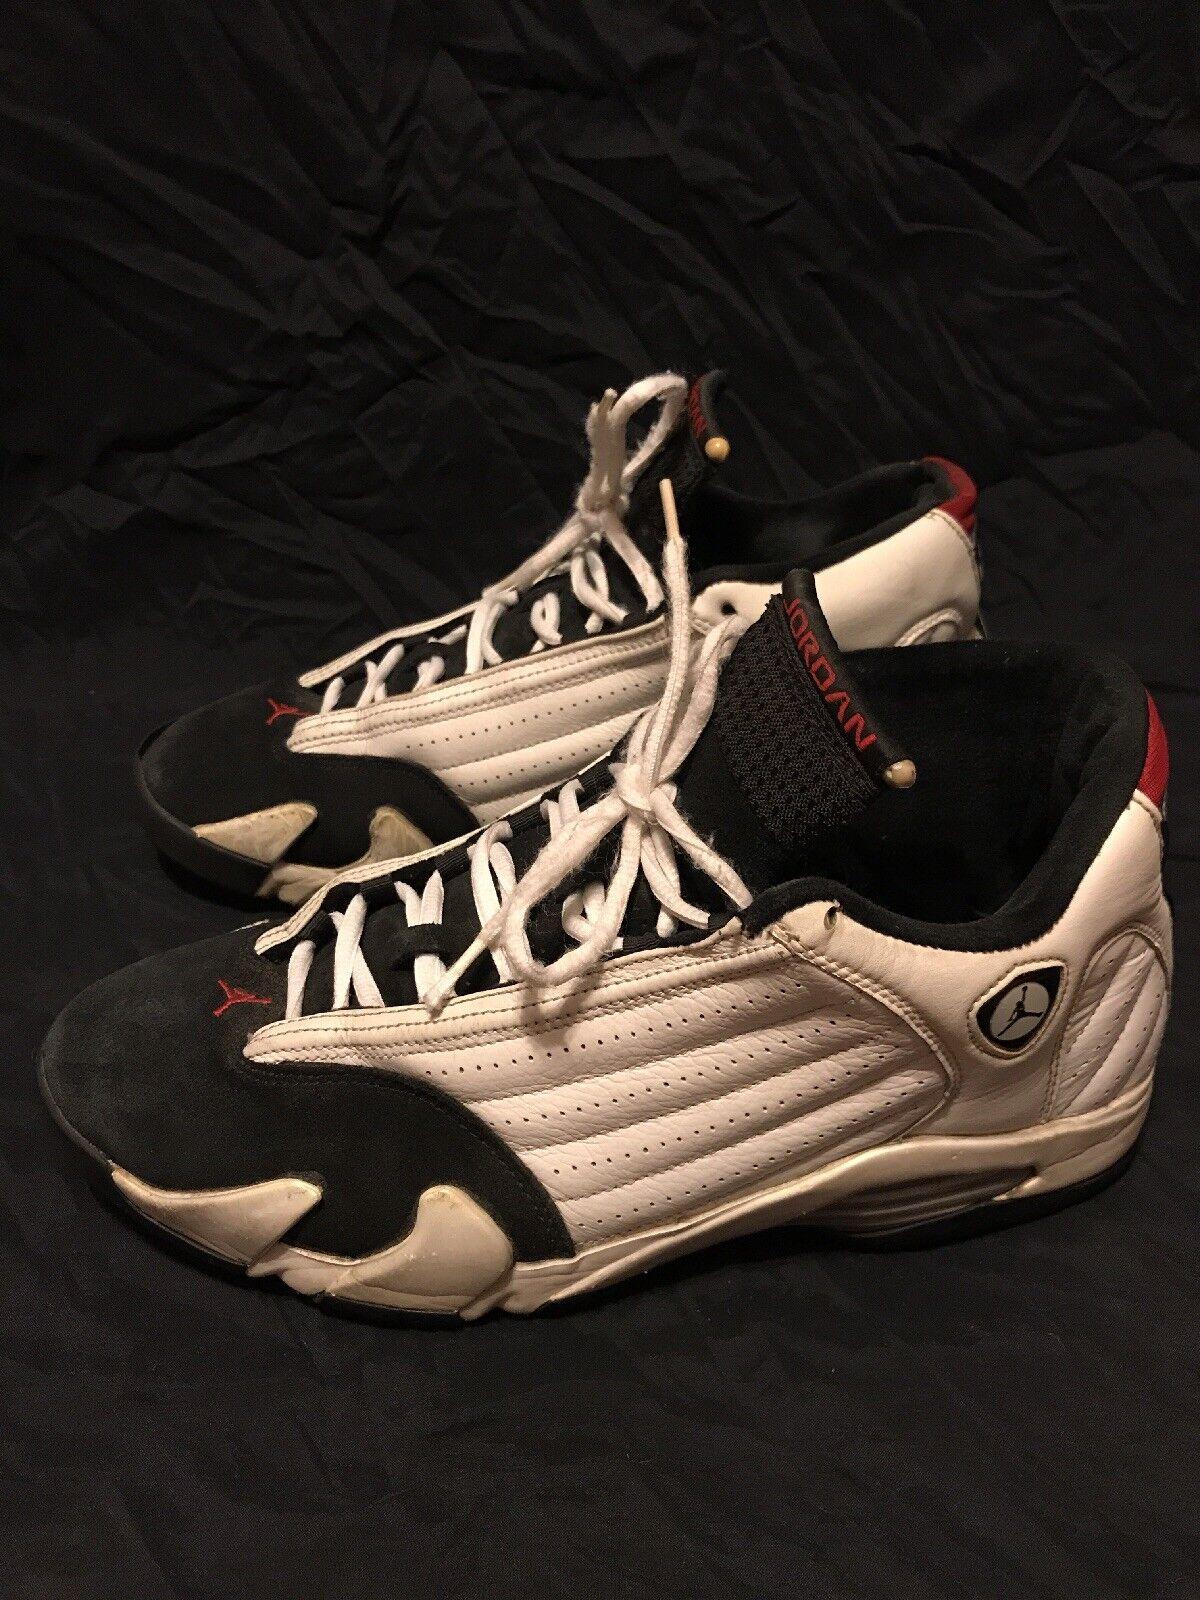 Nike Air Jordan Retro 14 de Negro reducción de precios XIV Negro de Toe comodo precio de temporada corta, beneficios de descuentos ac991d